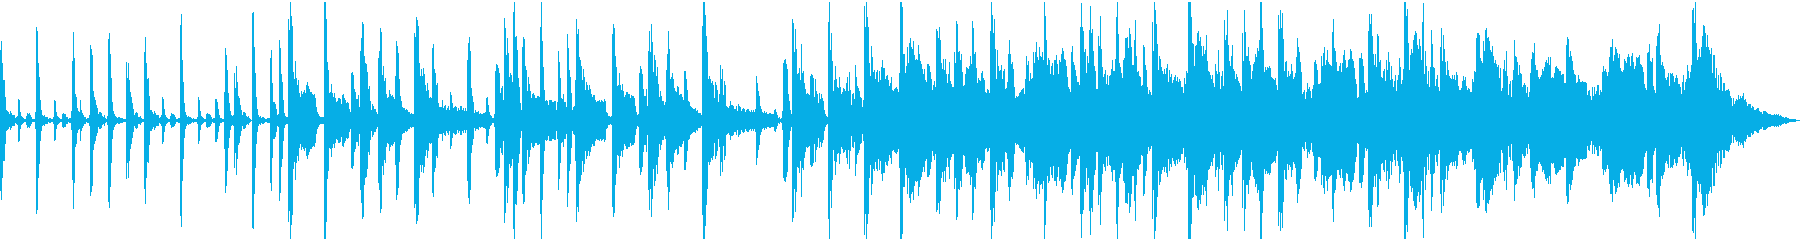 アコースティックベース、ピアノ、シ...の再生済みの波形